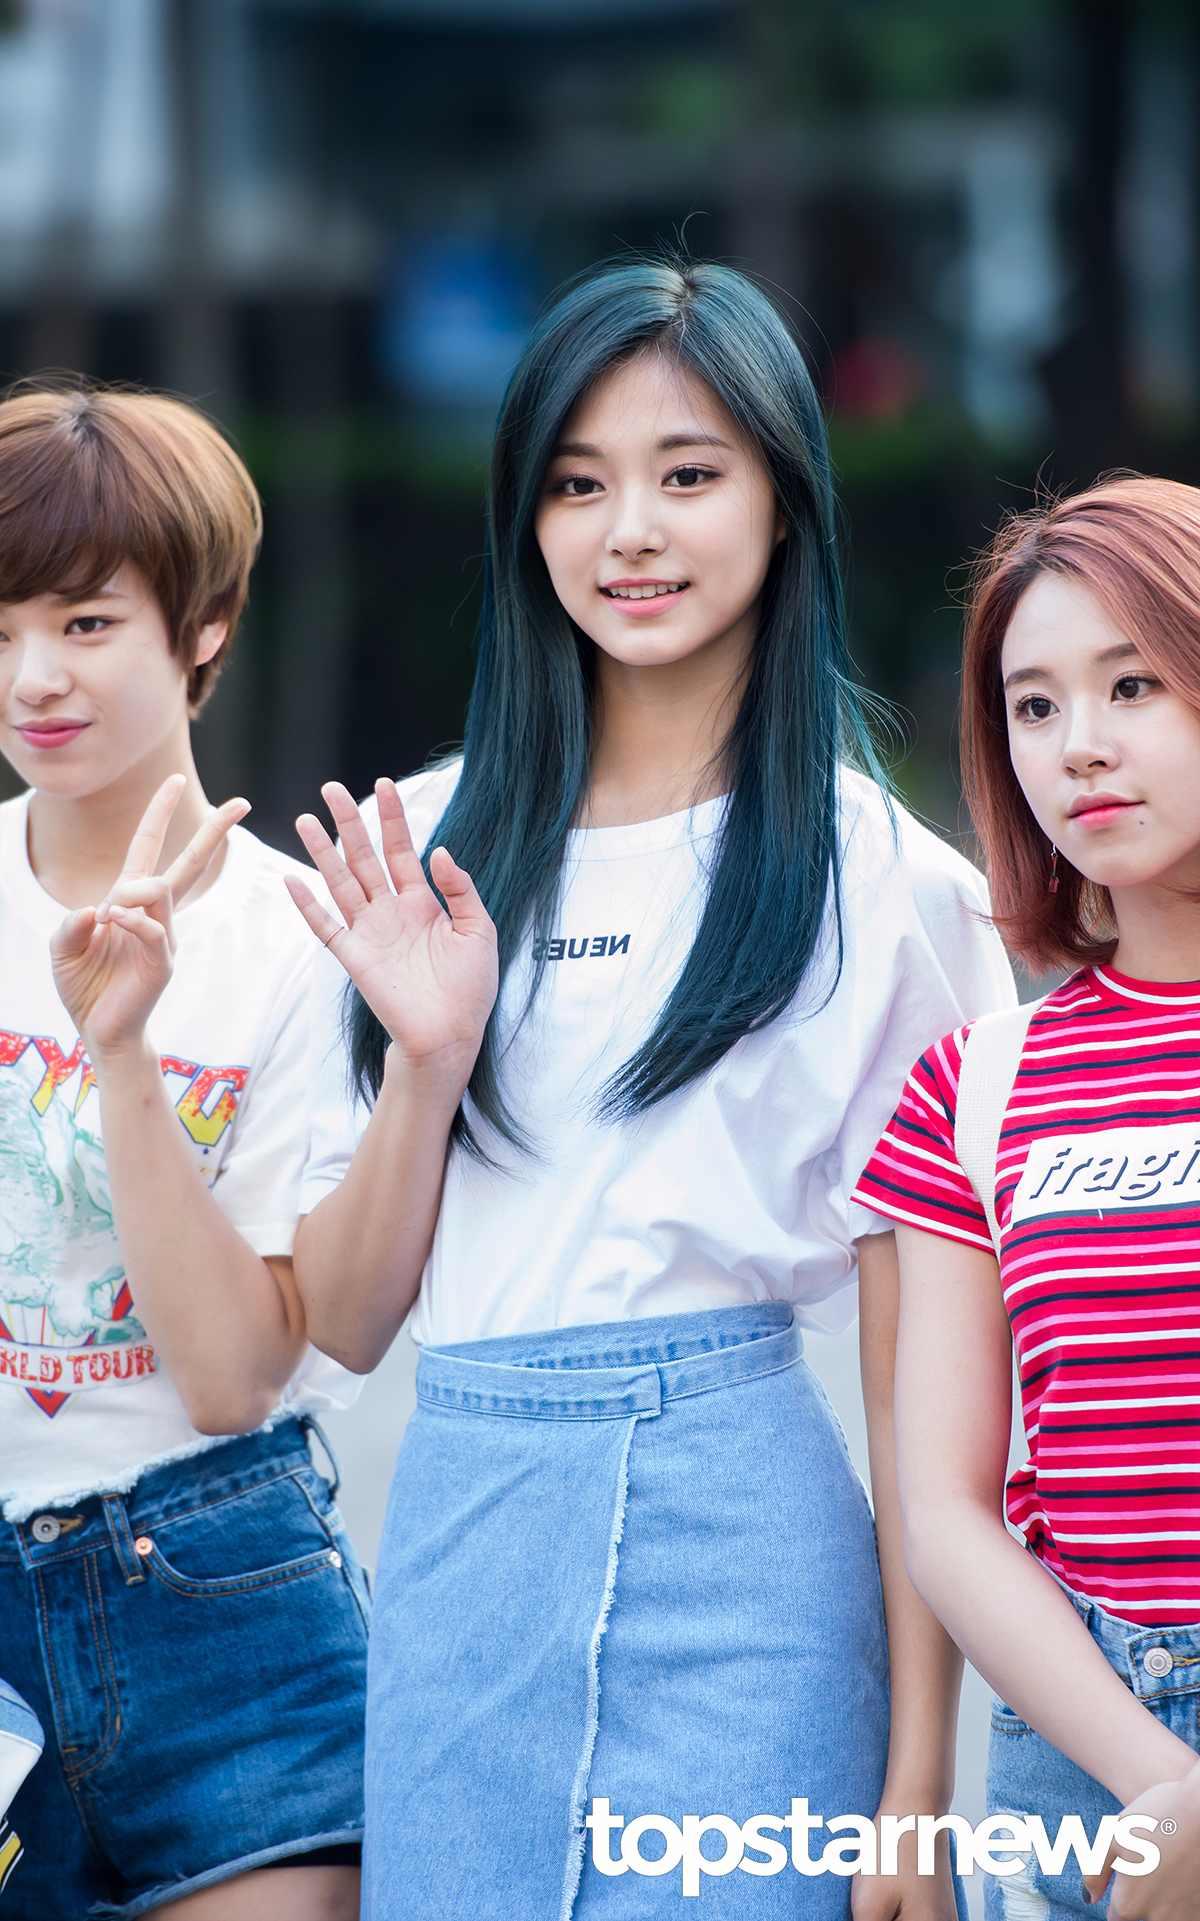 而且之前換上墨綠色的顏色時,還曾經在台灣和韓國掀起一股「神秘色」的染髮風潮。不過雖然髮色每每受到注意,但你一定也注意到…